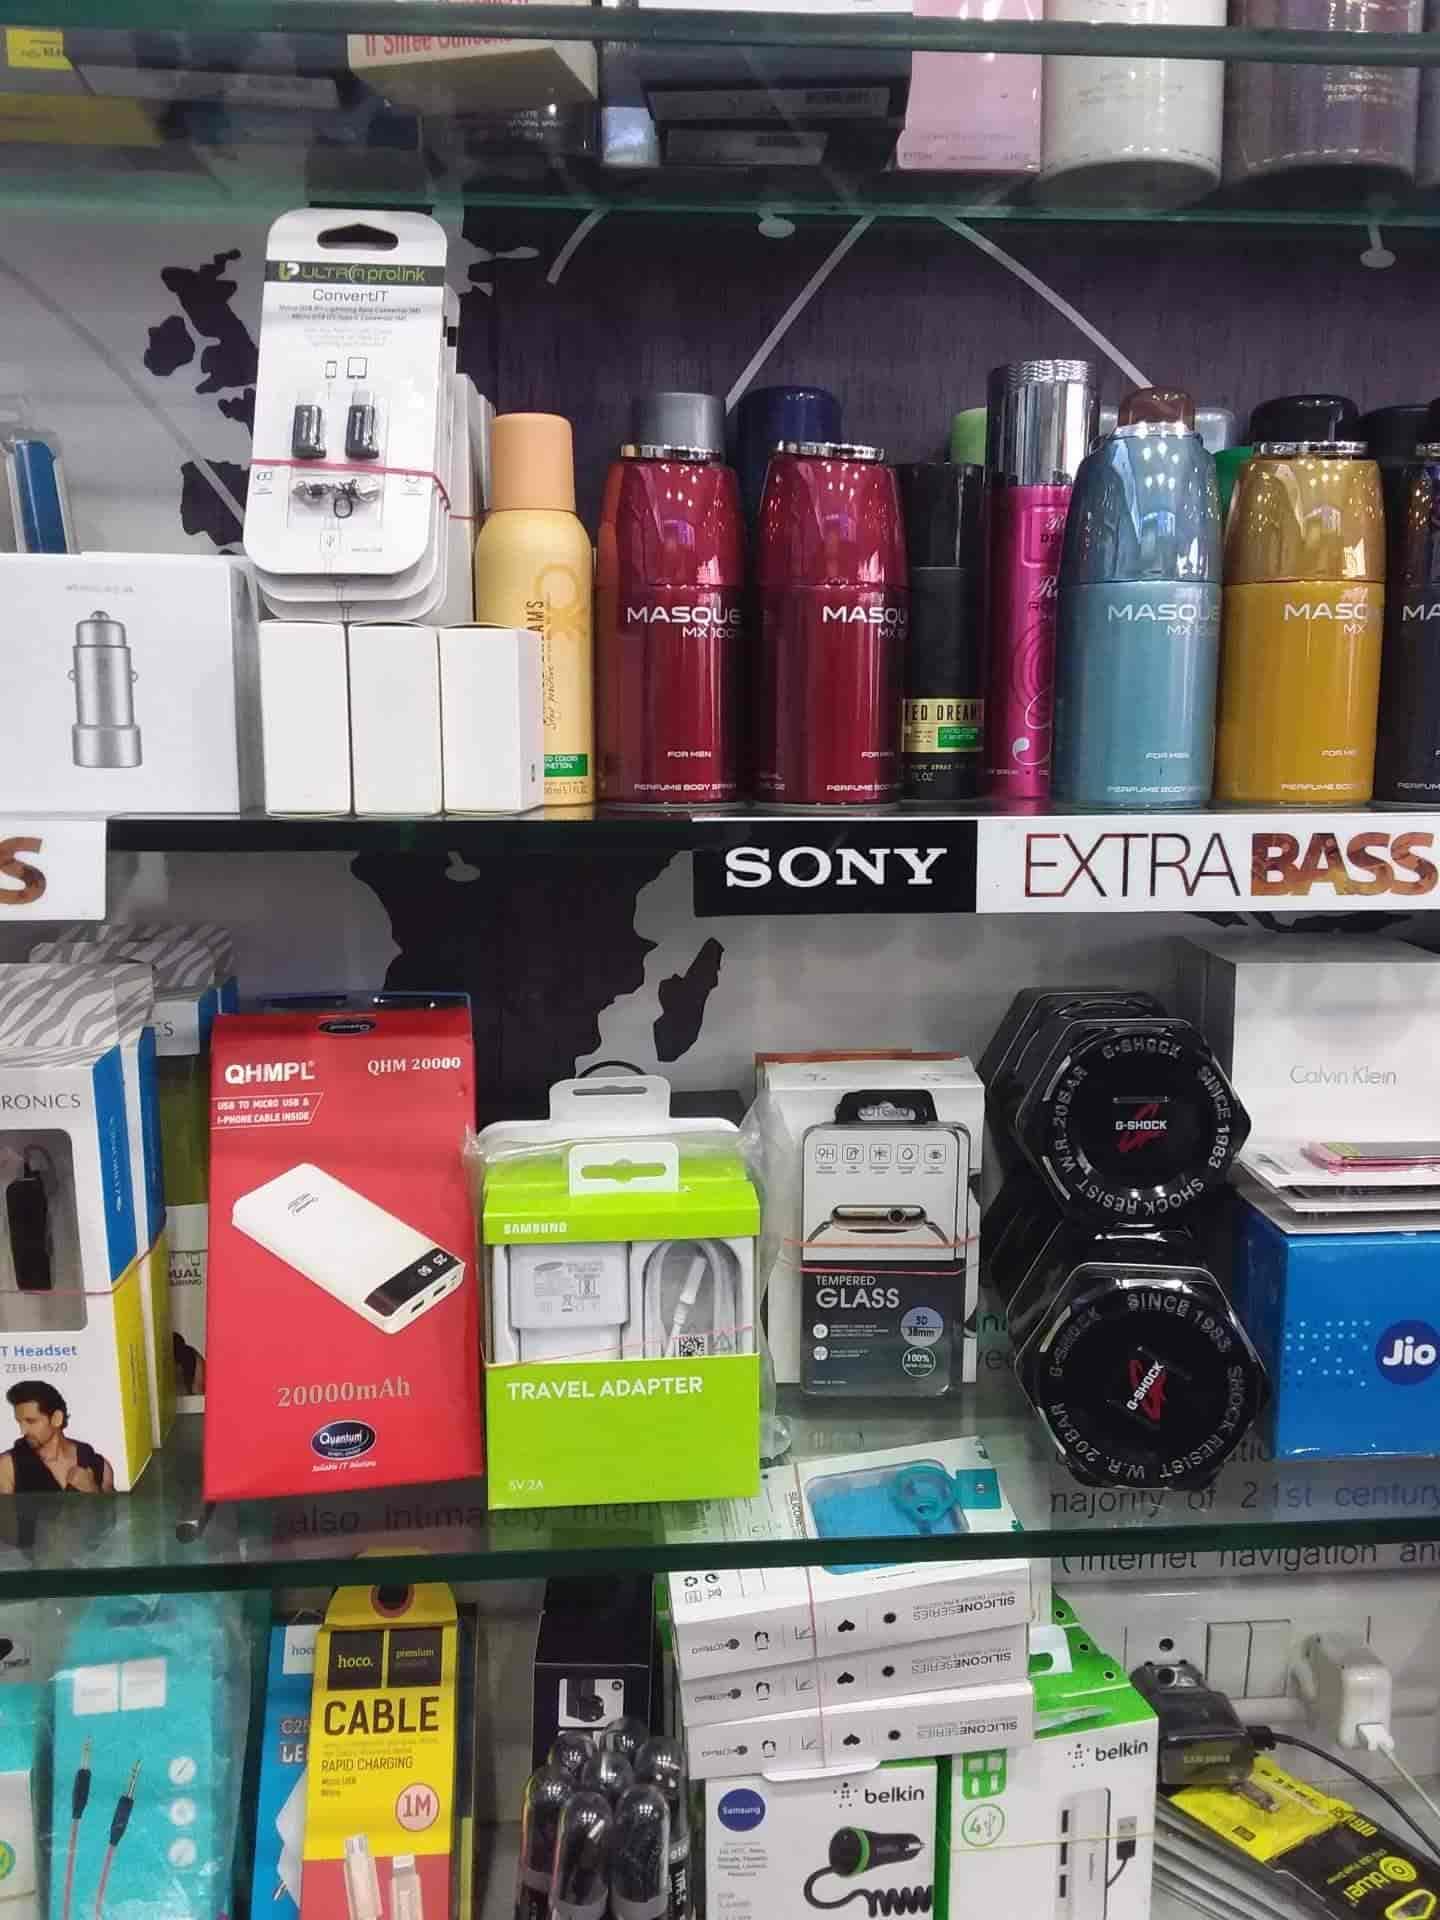 Top Mi Phone Stores in Lucknow - Best Mi Mobile Phones